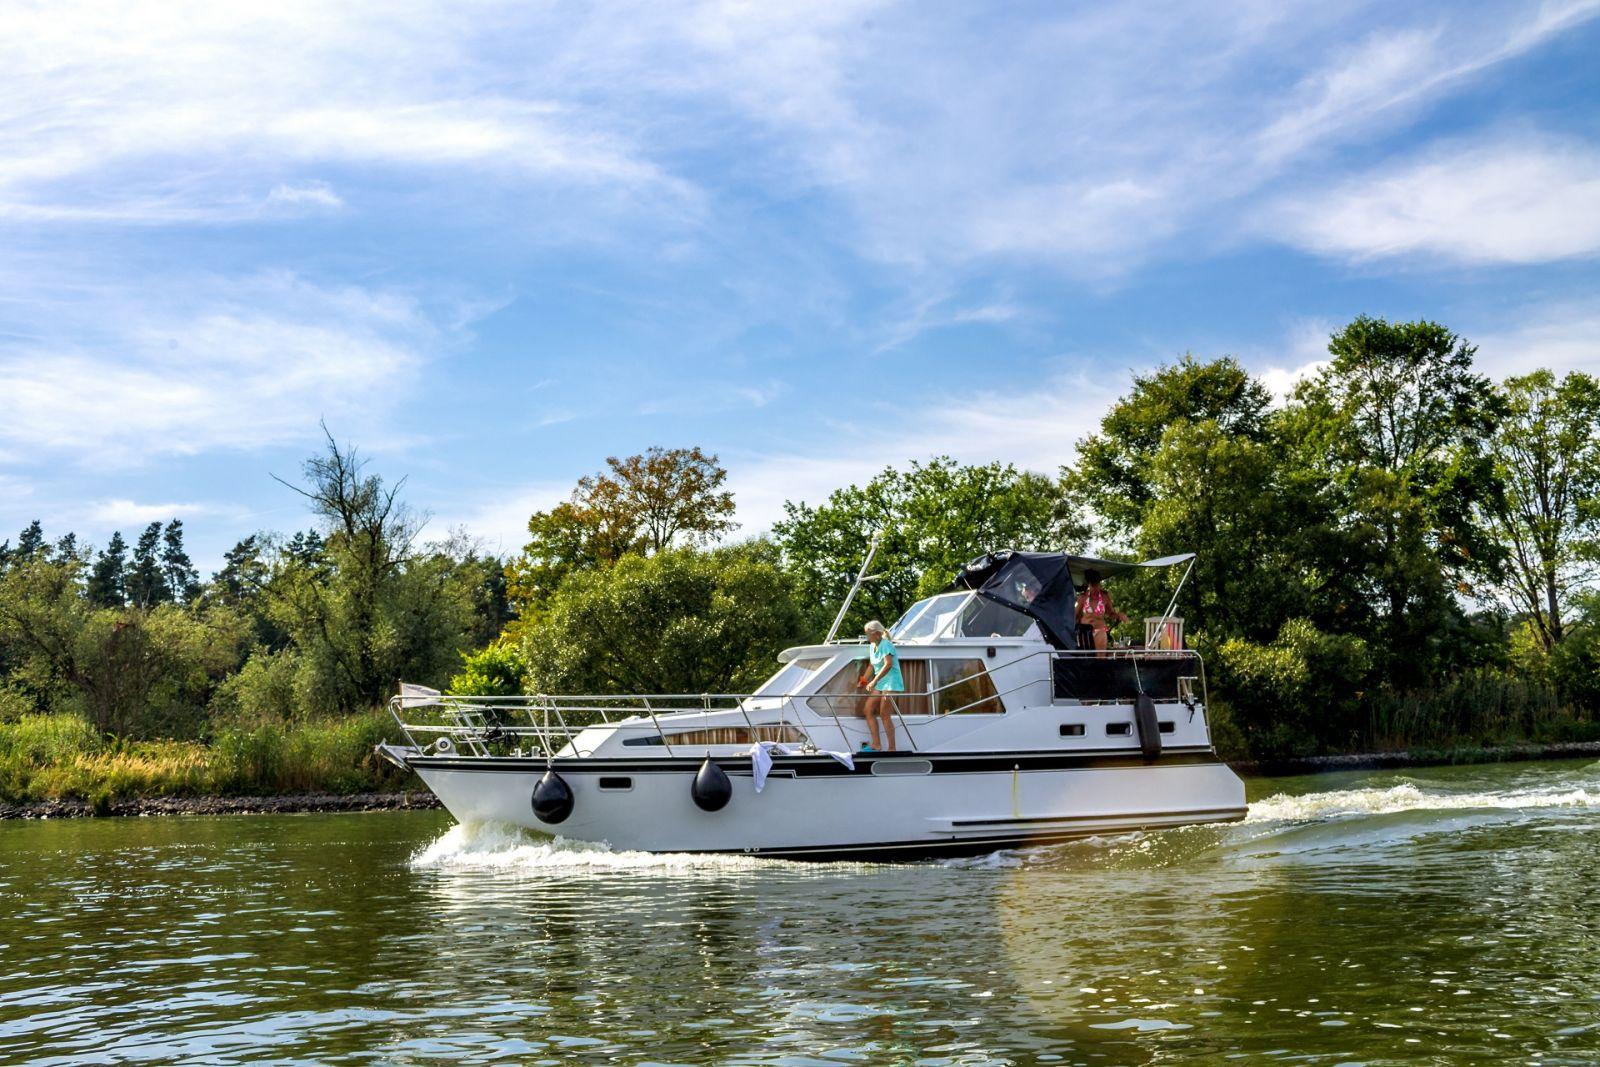 Motorboote gibt es in verschiedenen Größen von 4 bis 12 Personen. ©Sina-Ettmer/AdobeStock